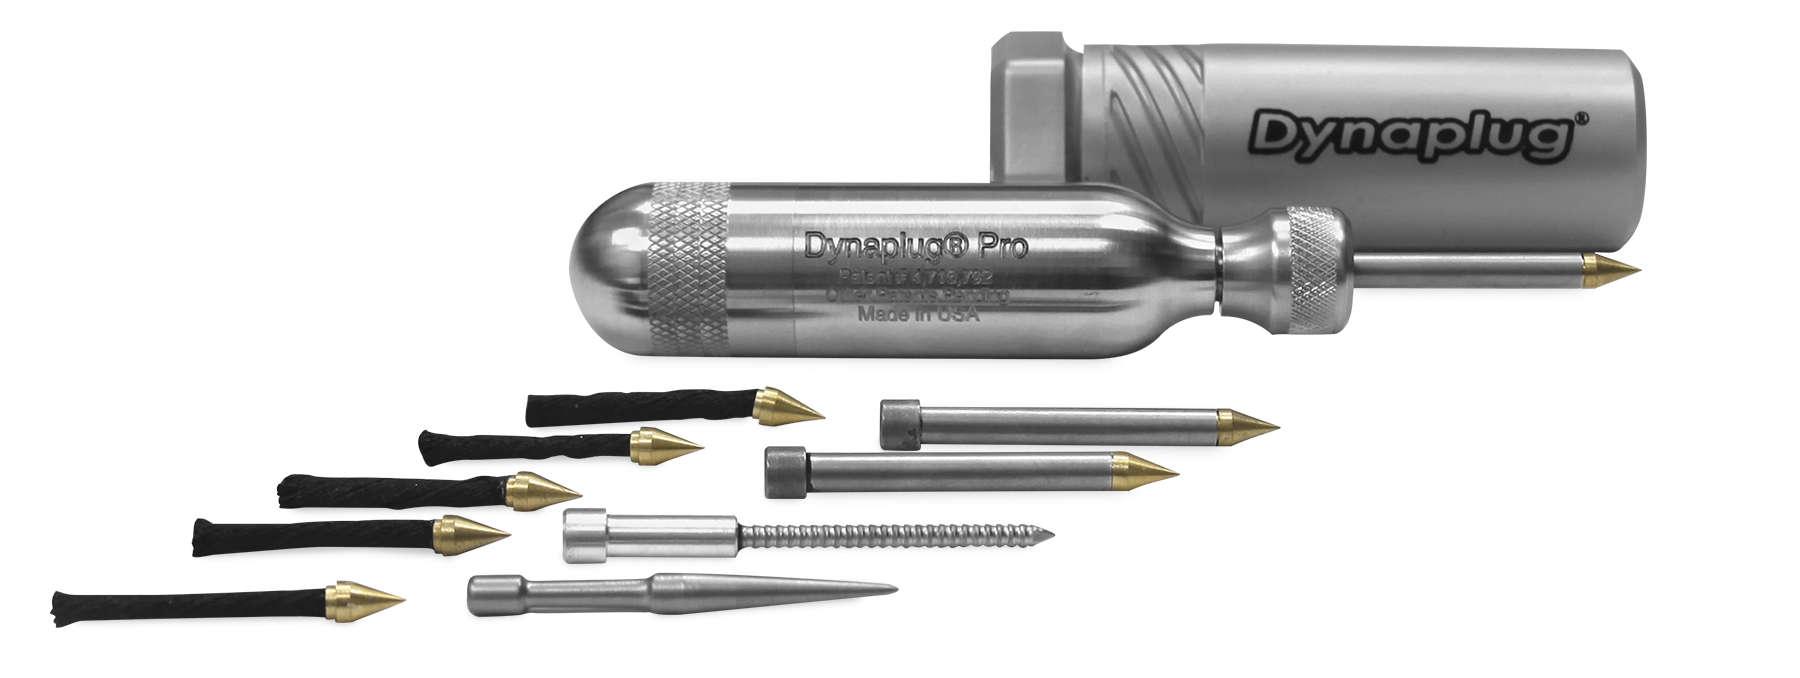 DYNAPLUG Pro Aluminum